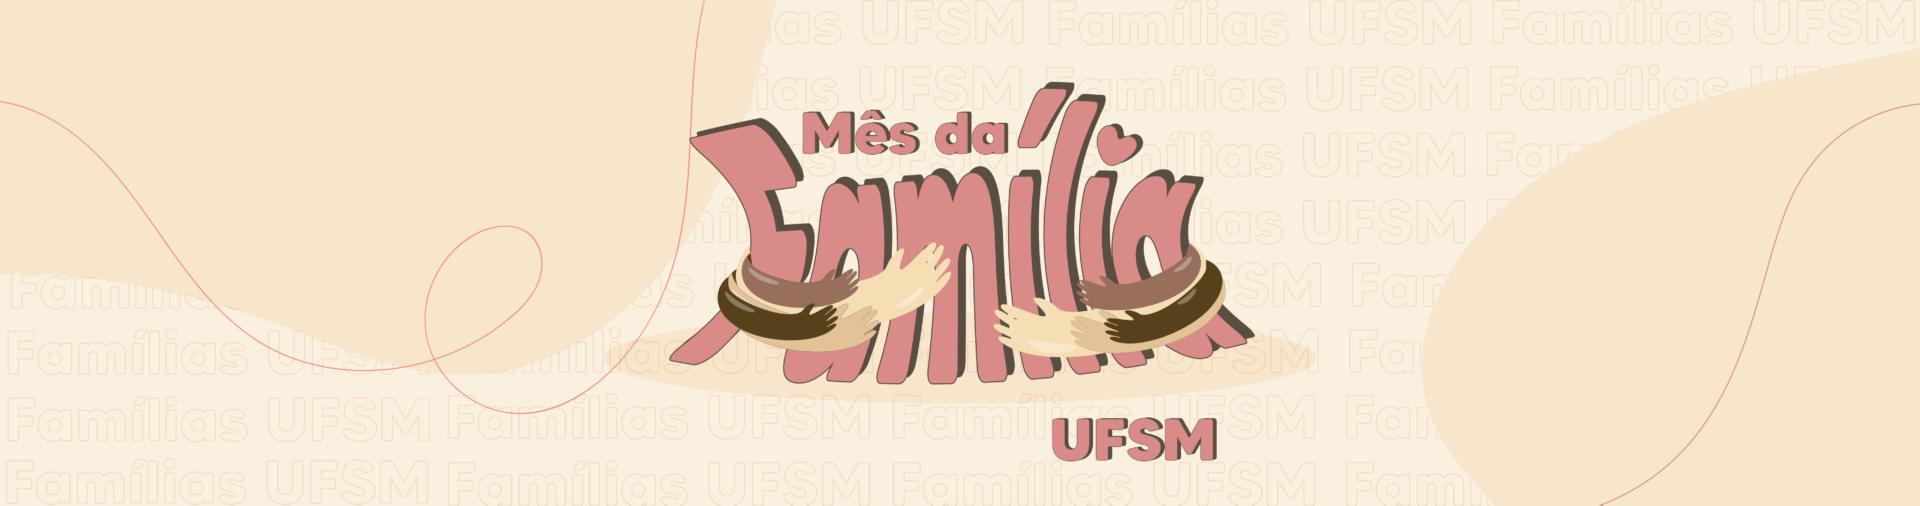 banner horizontal com a frase mês da família UFSM